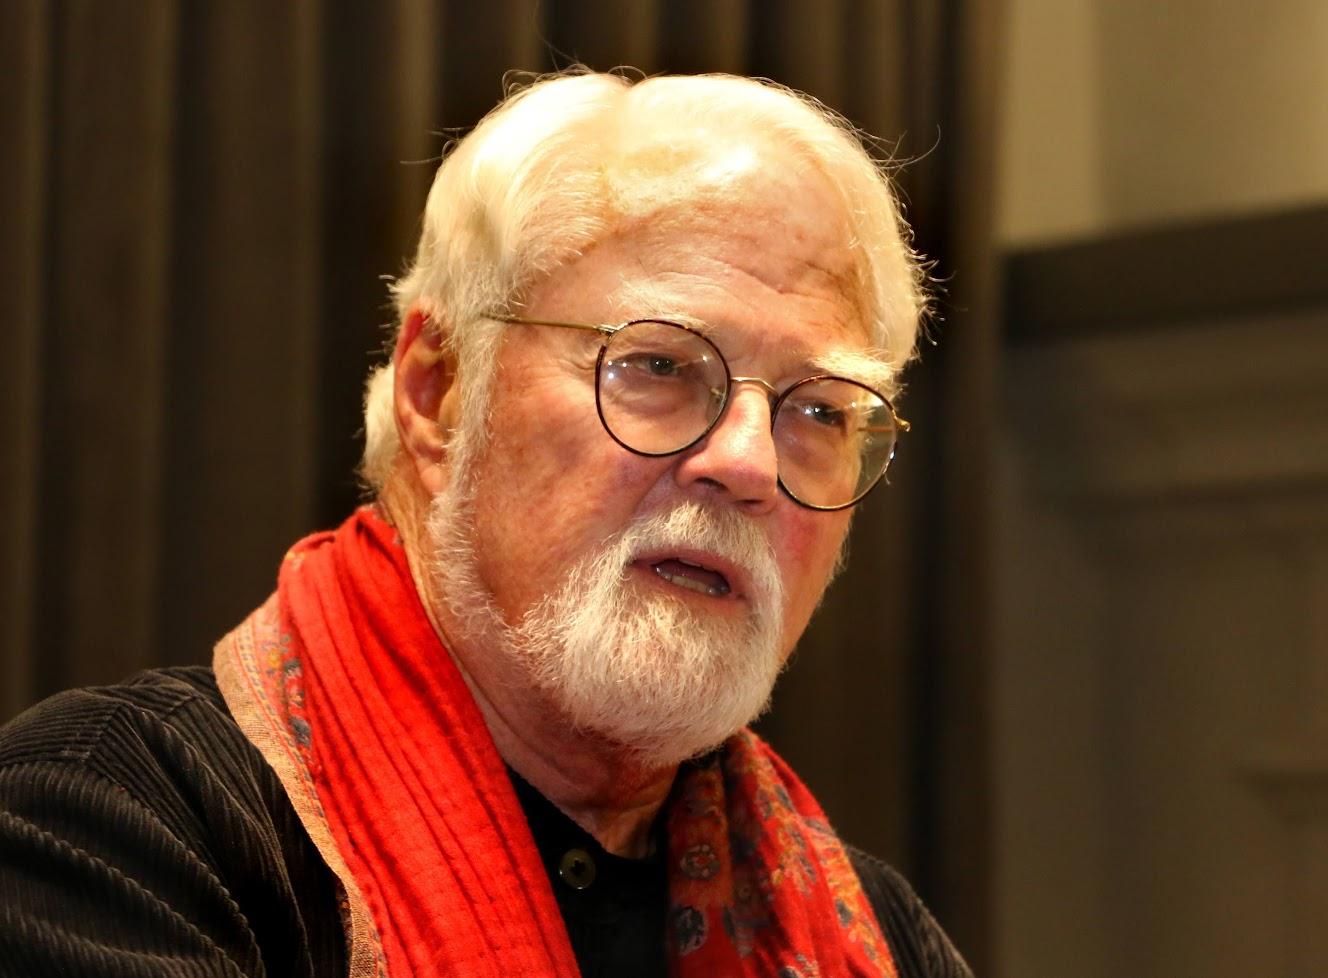 Rbert Fulghum